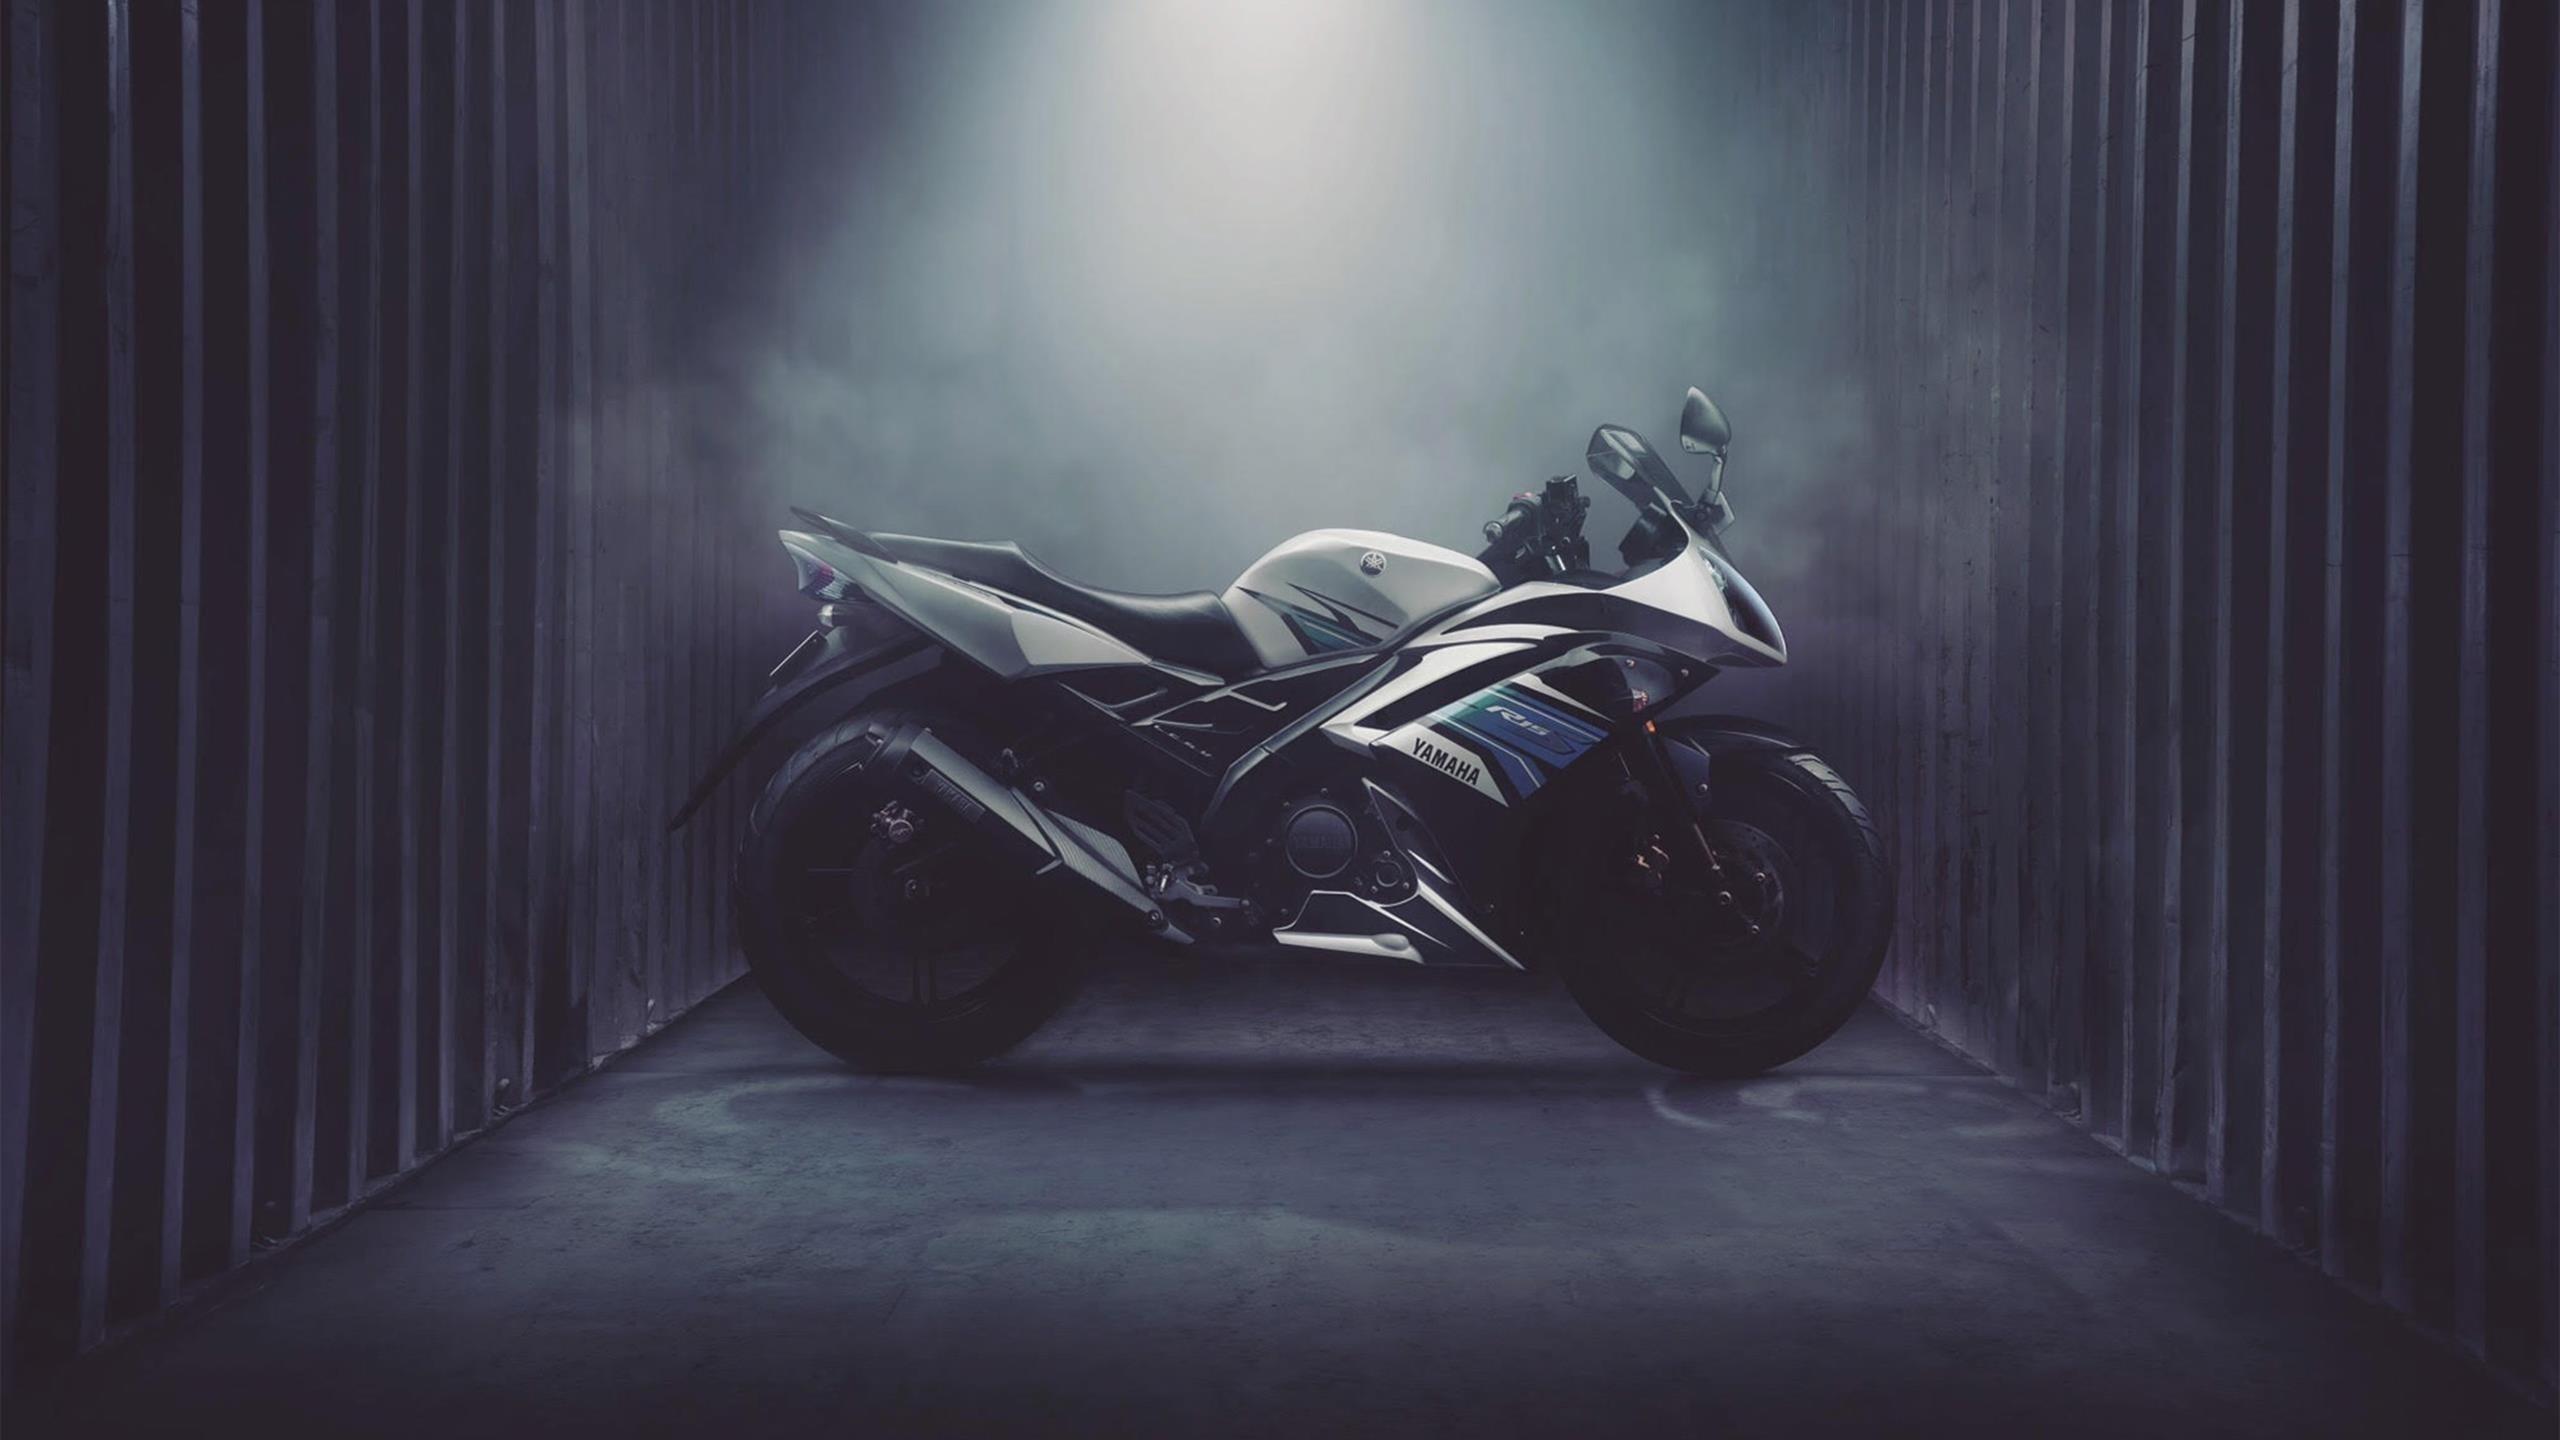 Yamaha r15 спортивный велосипед обои скачать